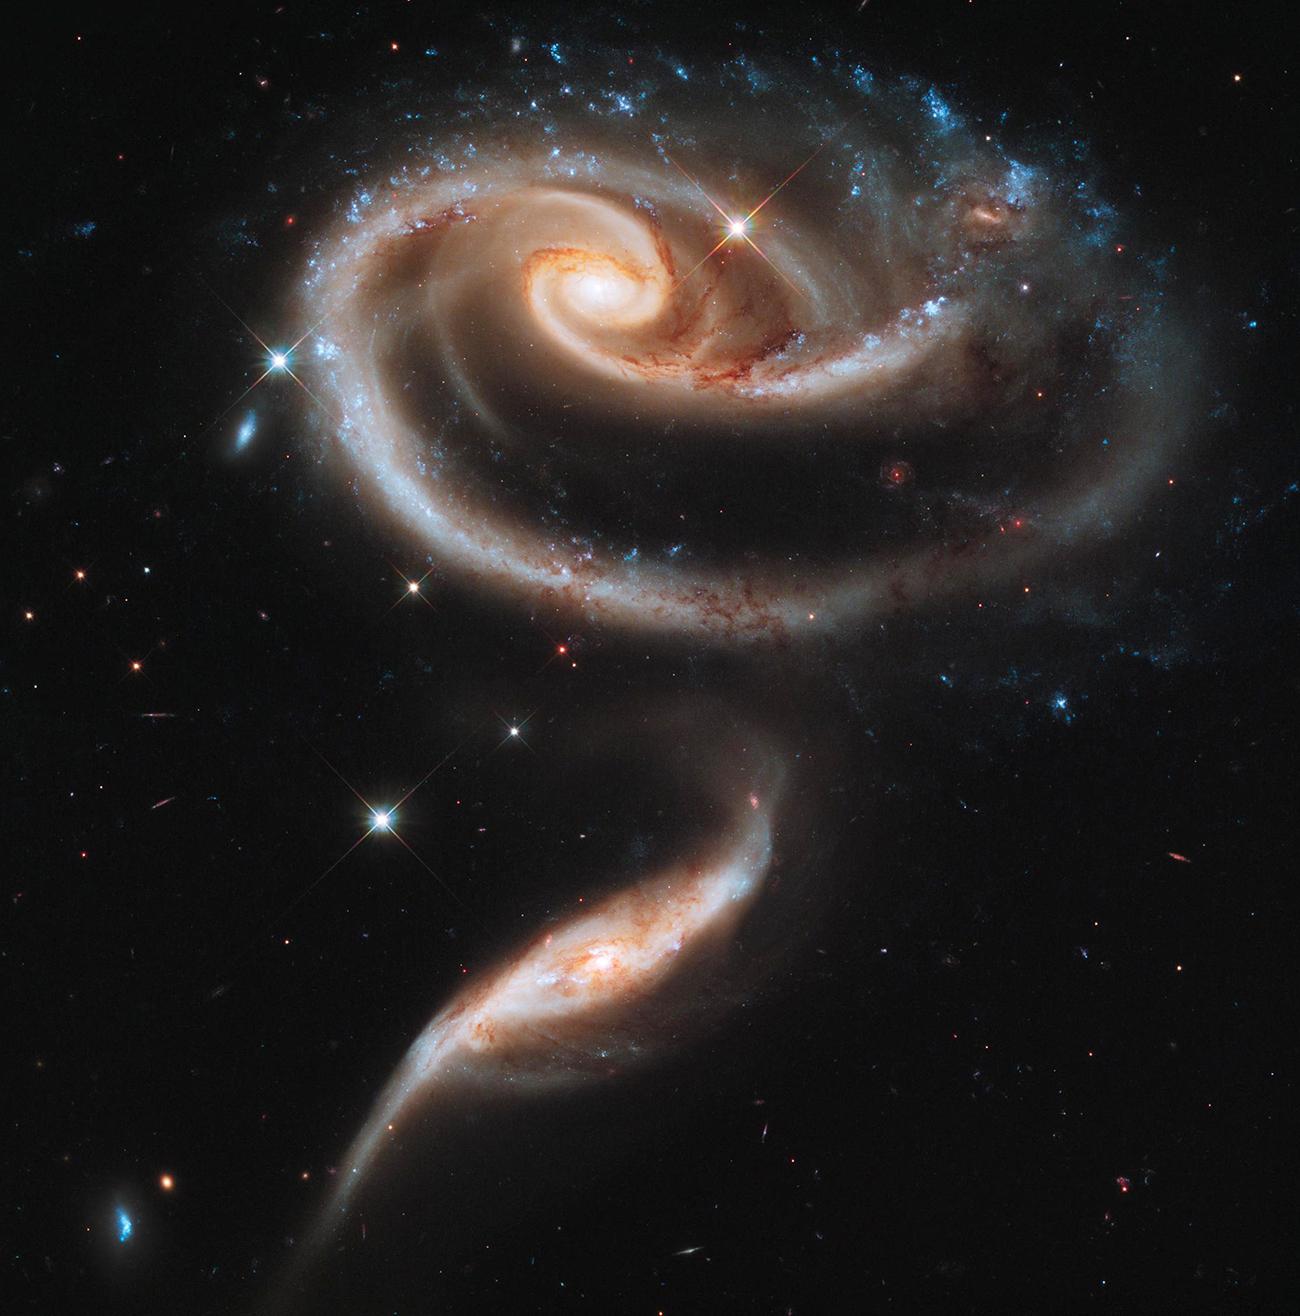 Gli astronomi dell'Università Mgu di Mosca hanno realizzato il più grande catalogo al mondo che contiene informazioni su oltre 800.000 galassie, situate in un raggio di circa 30 miliardi di anni luce dal nostro pianeta. Nella foto, la galassia UGC 1810 nella costellazione di Andromeda